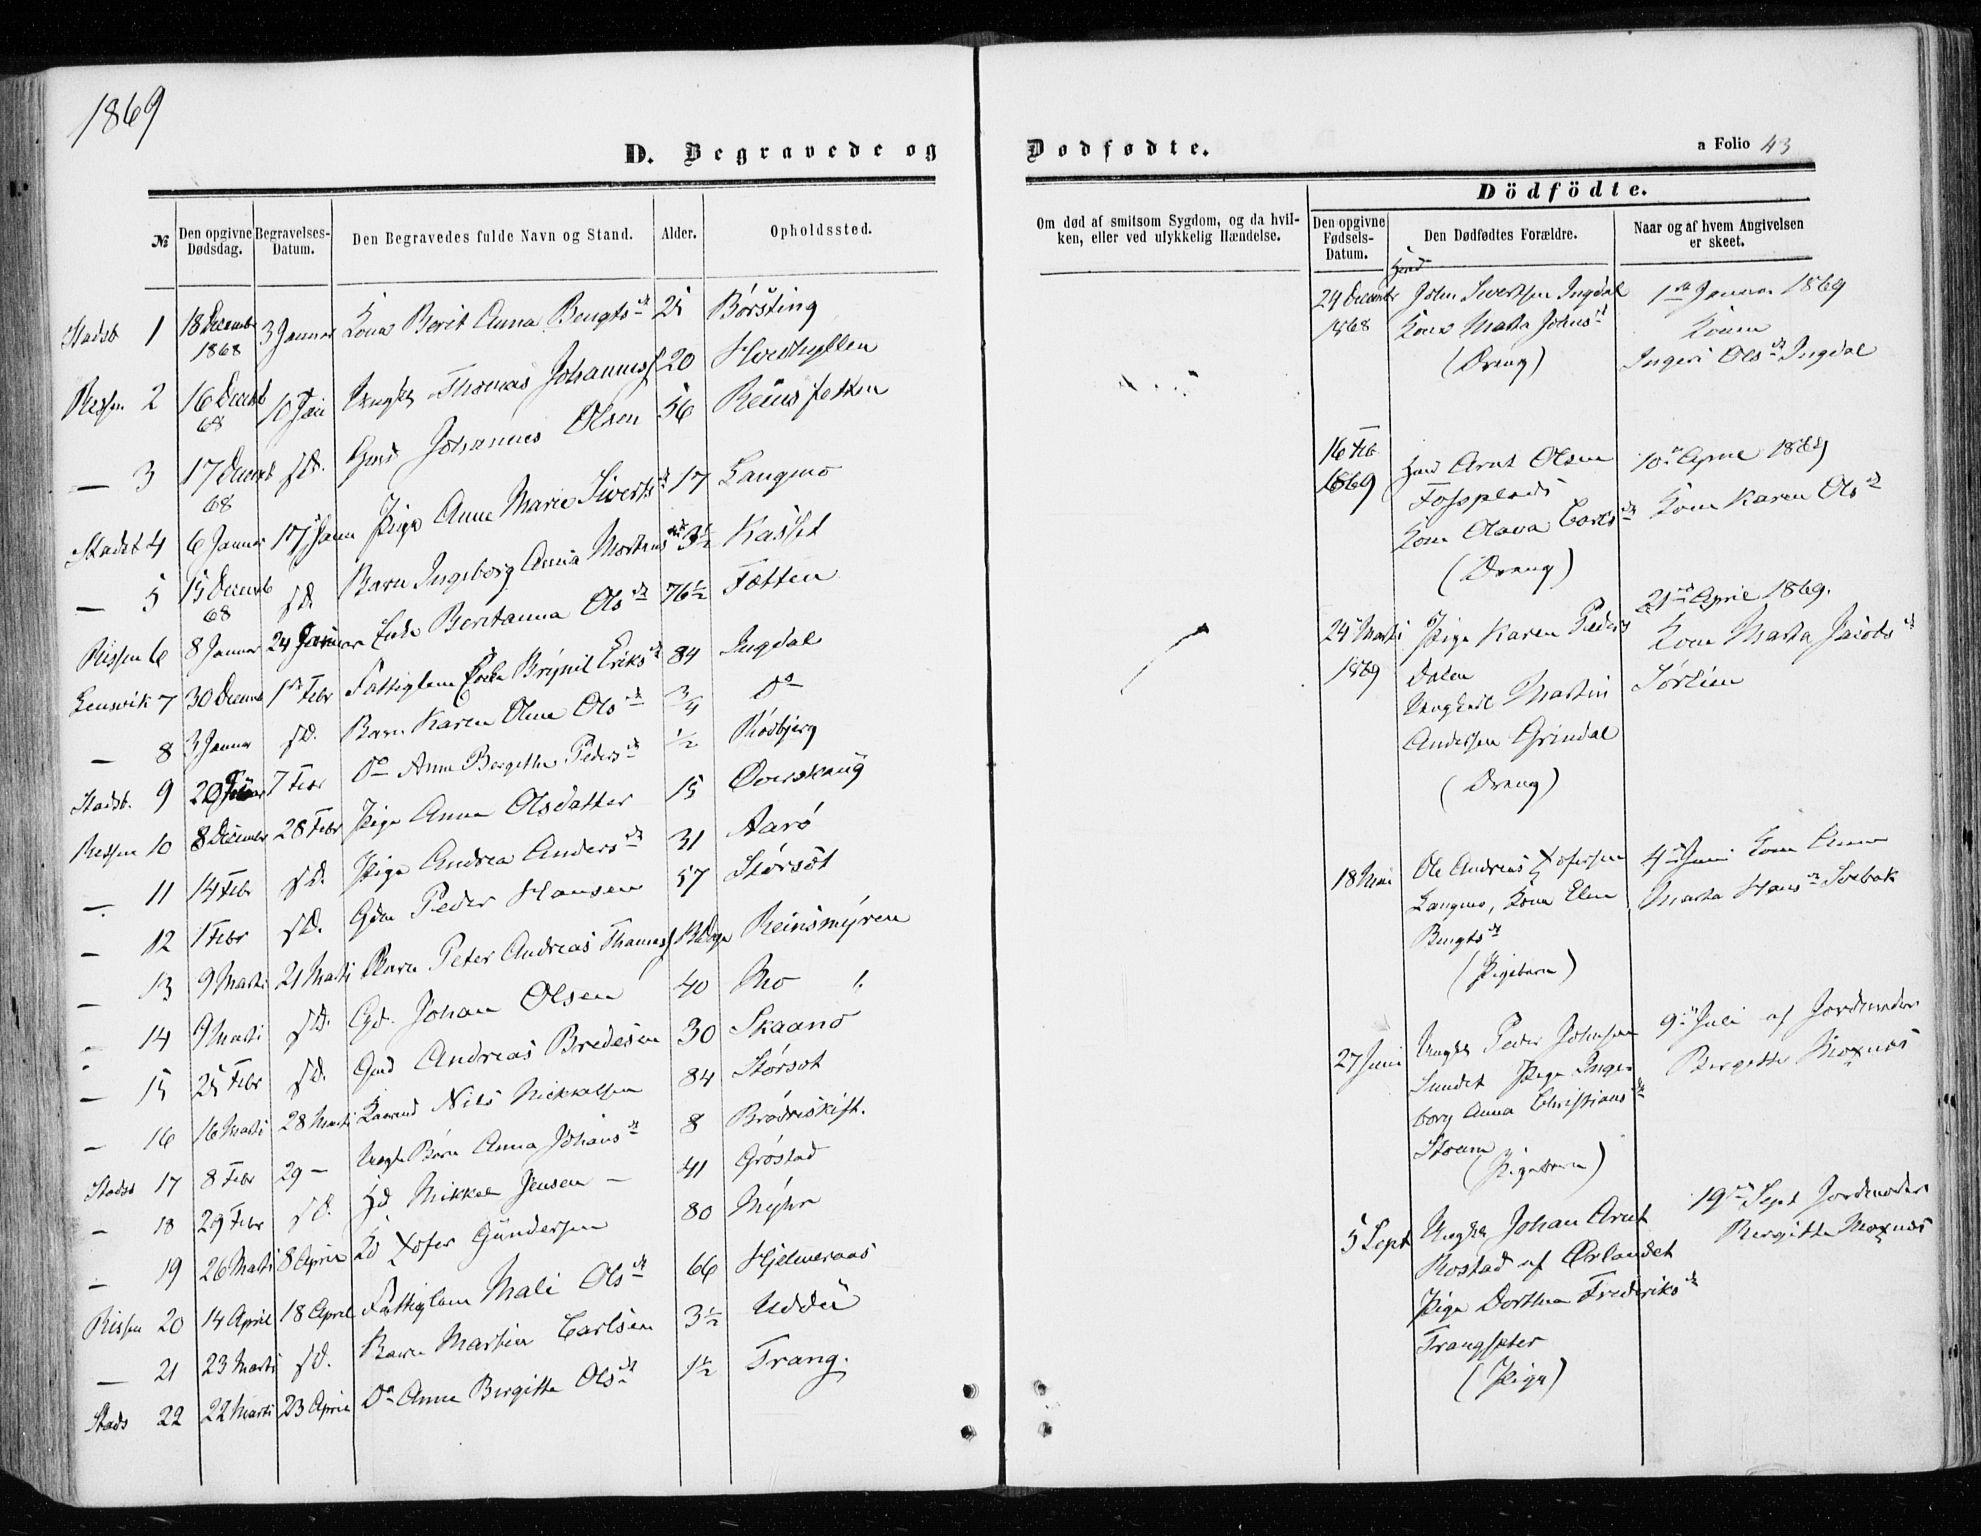 SAT, Ministerialprotokoller, klokkerbøker og fødselsregistre - Sør-Trøndelag, 646/L0612: Ministerialbok nr. 646A10, 1858-1869, s. 43